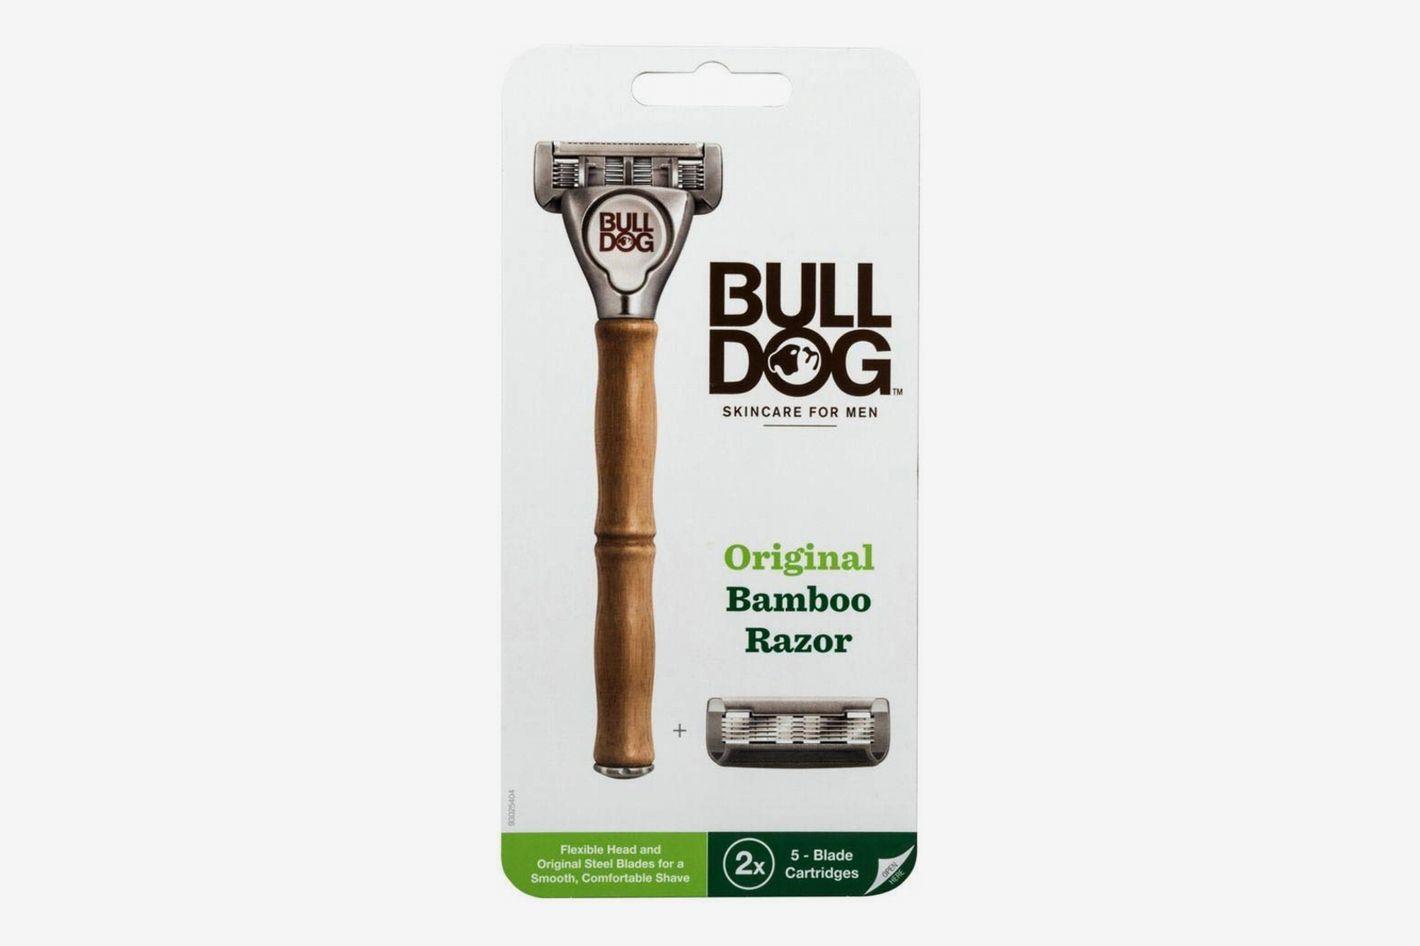 Bulldog Original Bamboo Razor